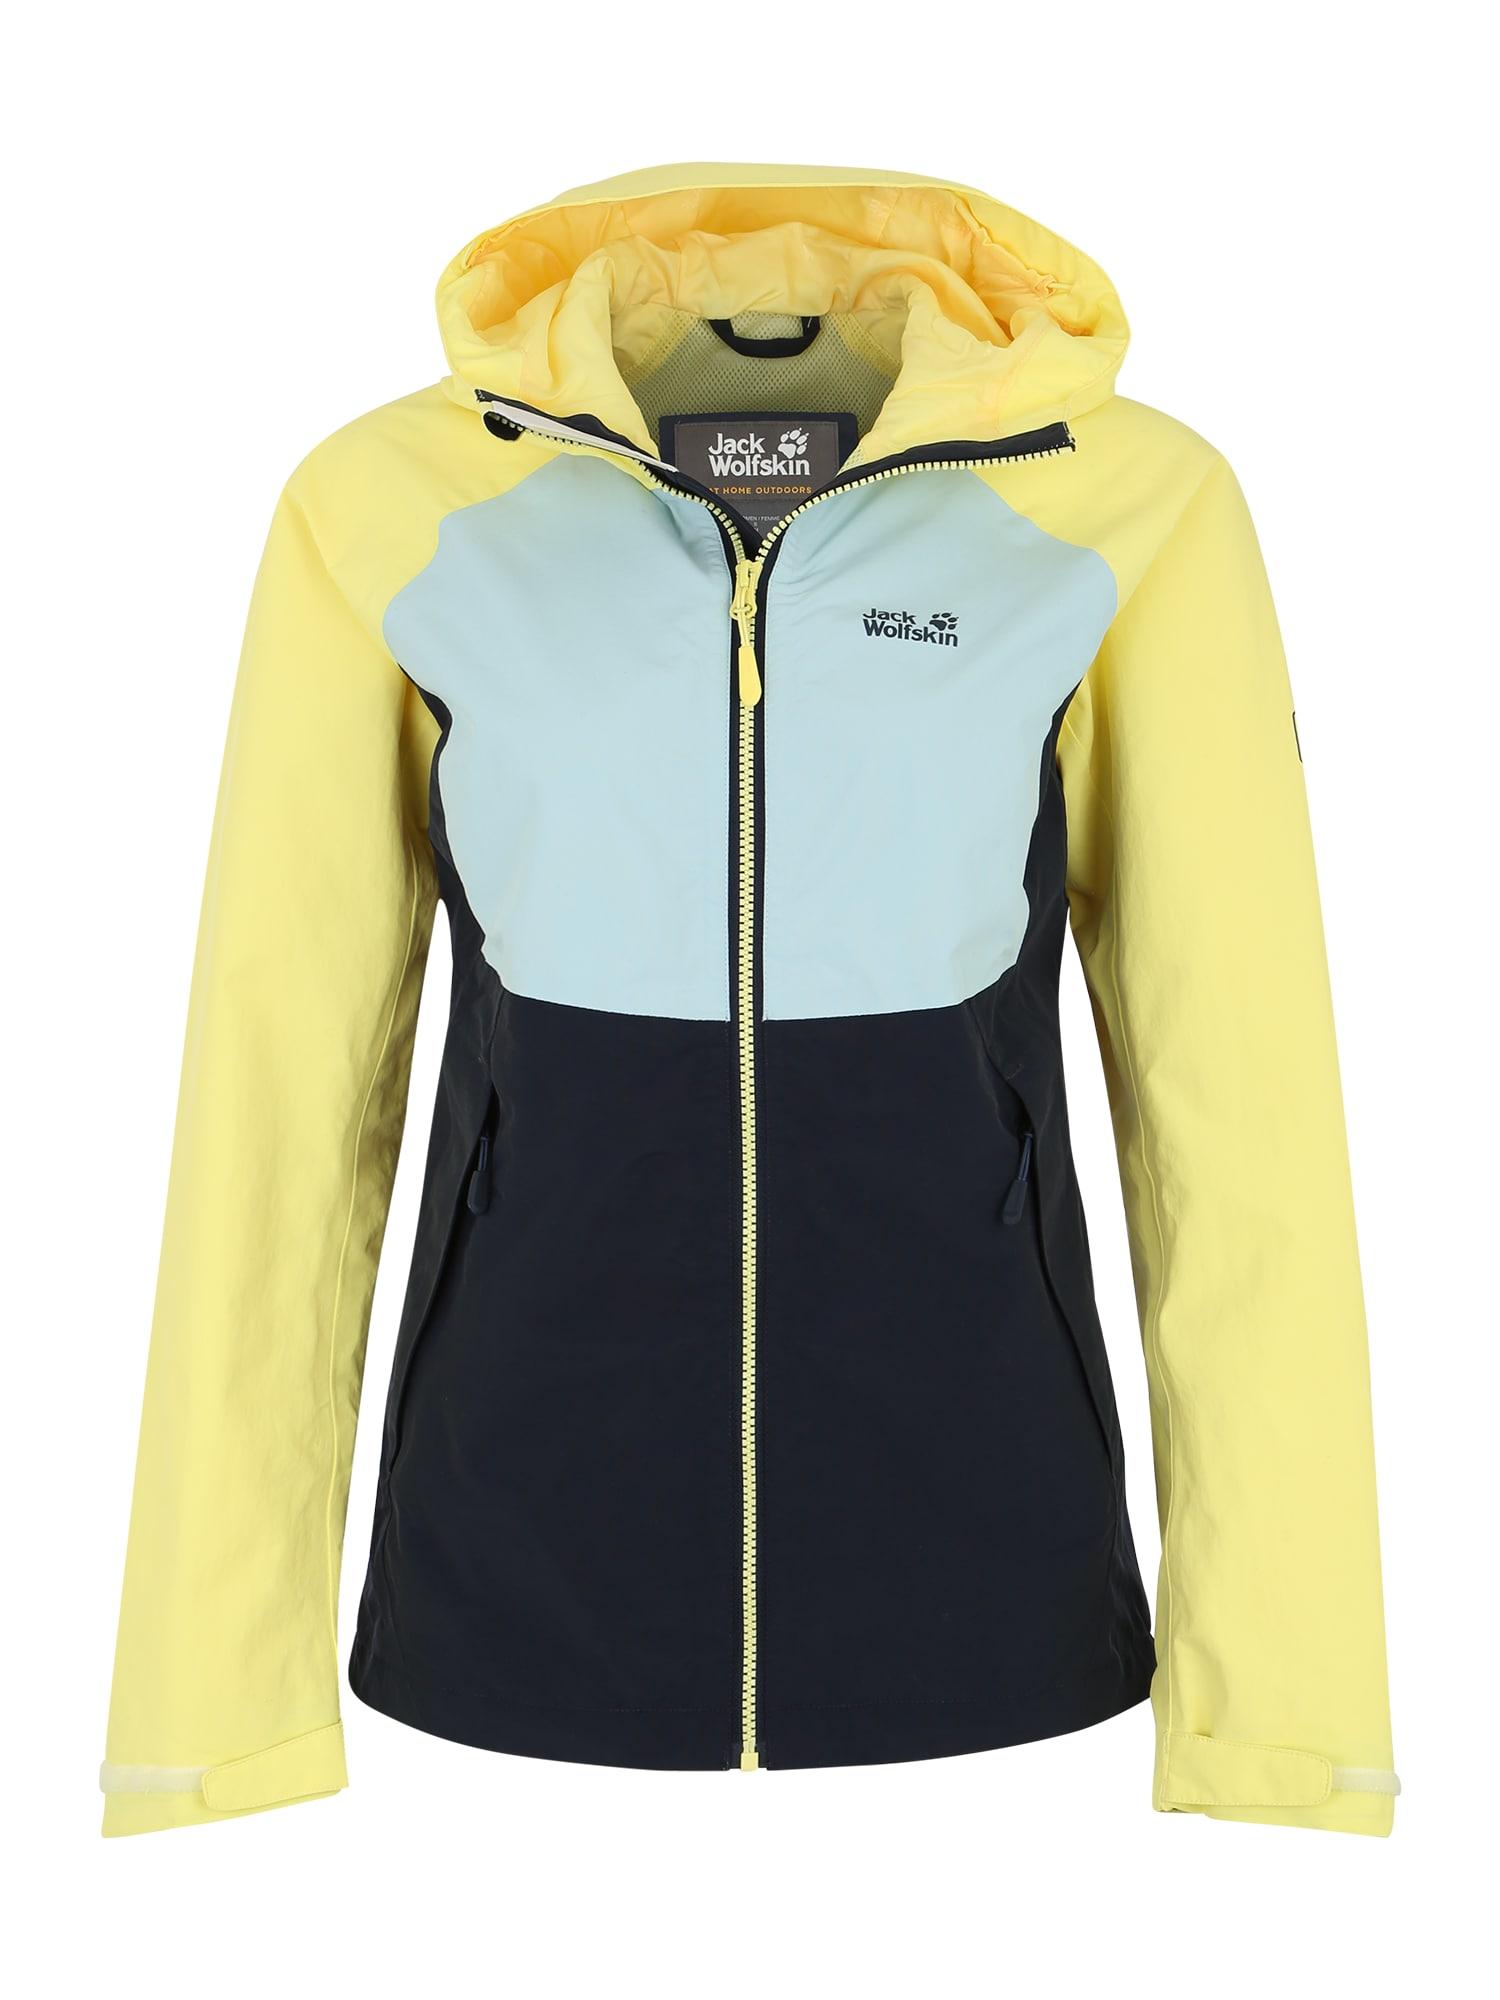 Outdoorová bunda Mount Isa noční modrá světlemodrá limone JACK WOLFSKIN